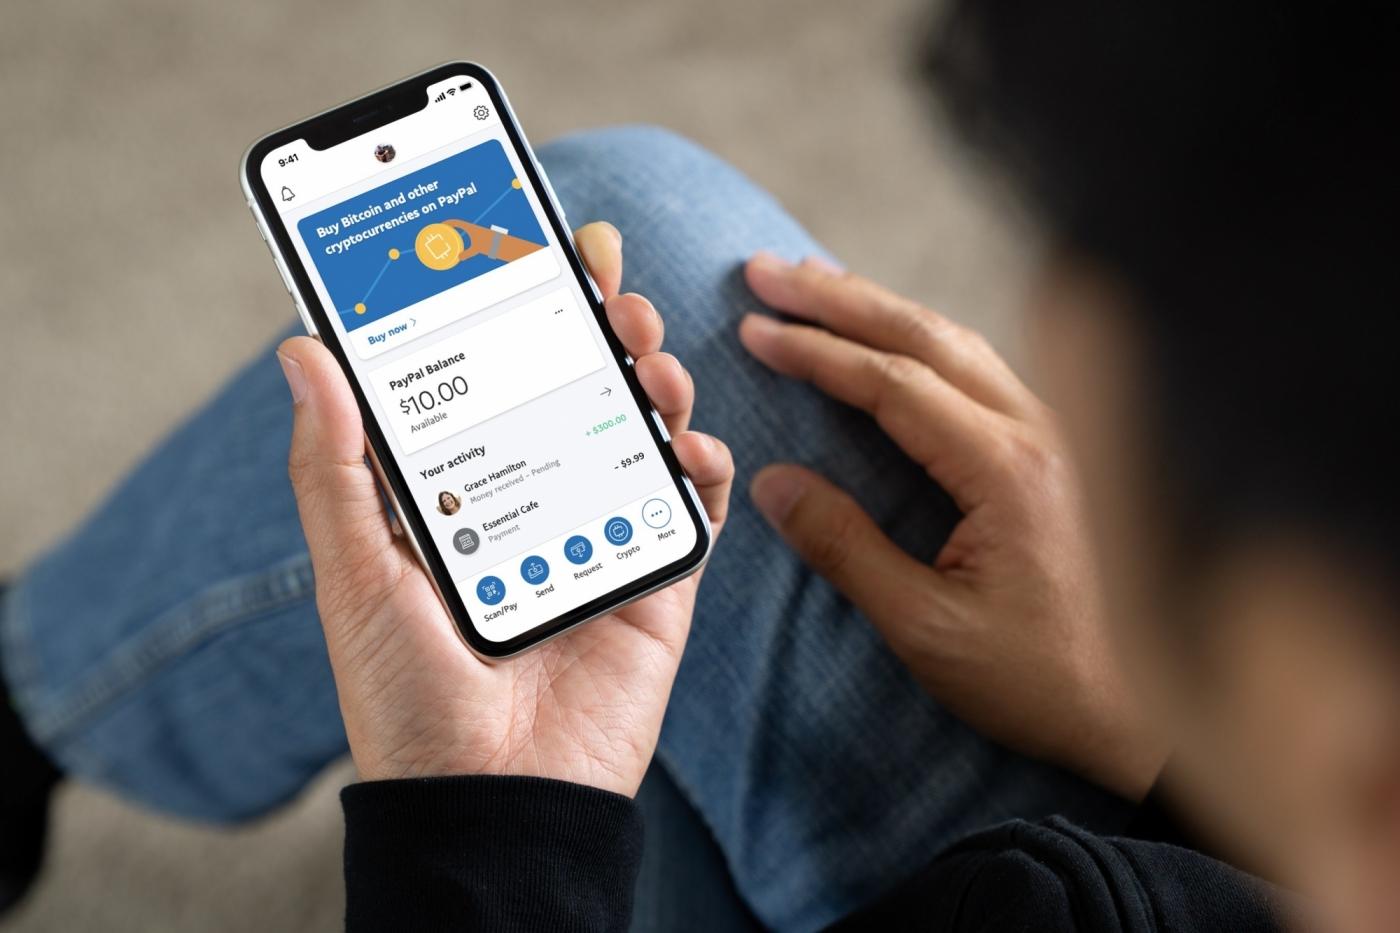 全球2800萬商家都能用比特幣消費!PayPal積極佈局加密貨幣,稅收問題怎麼解?